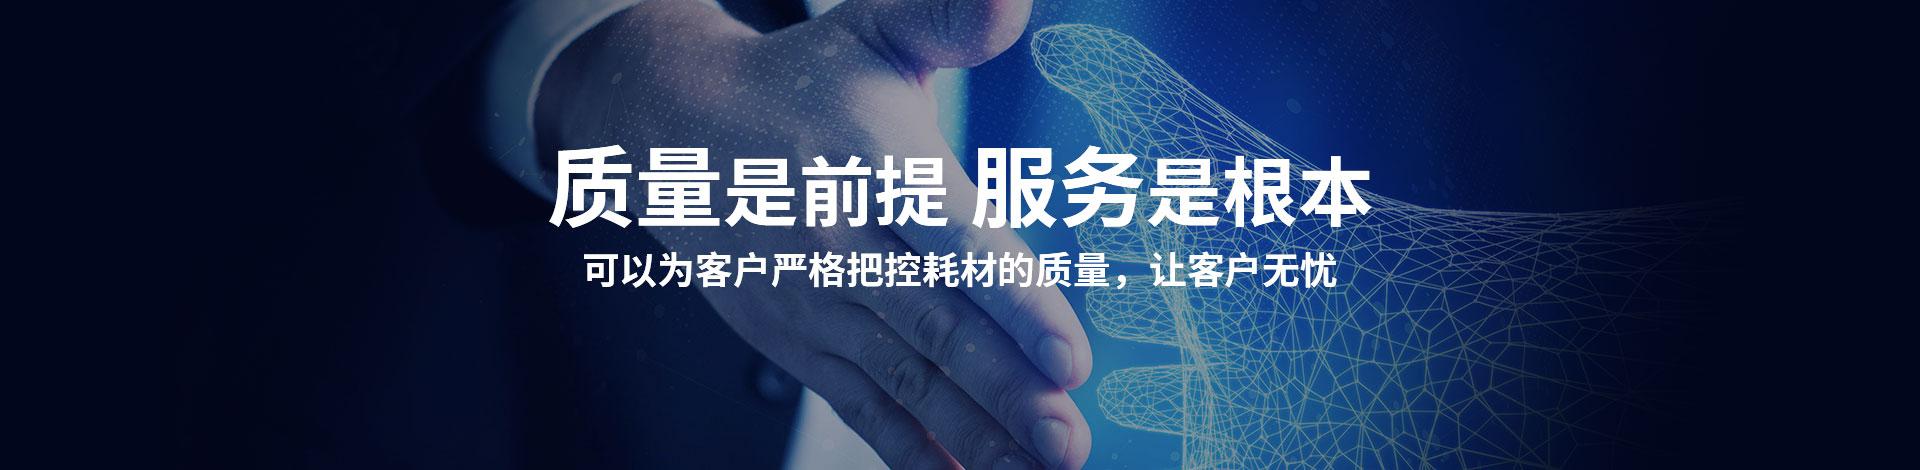 广州市冠申实业有限公司